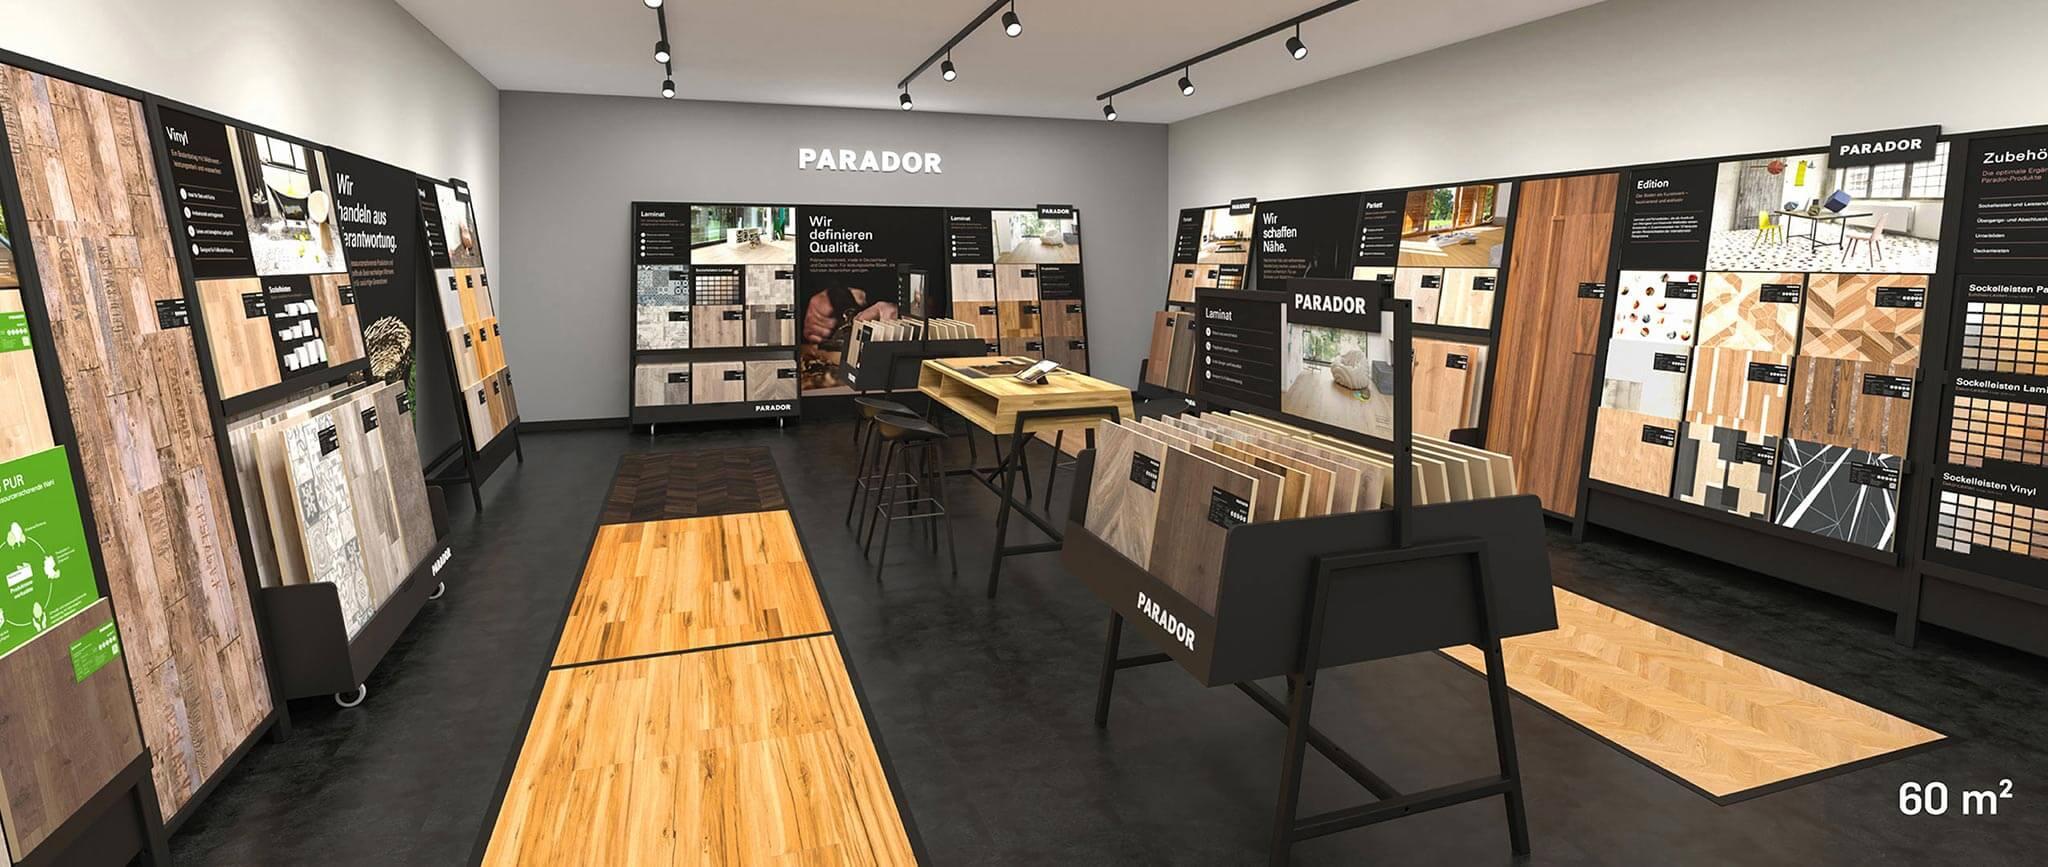 Parador Studio 60qm: PoS-System von Agentur Preussisch Portugal aus Hamburg